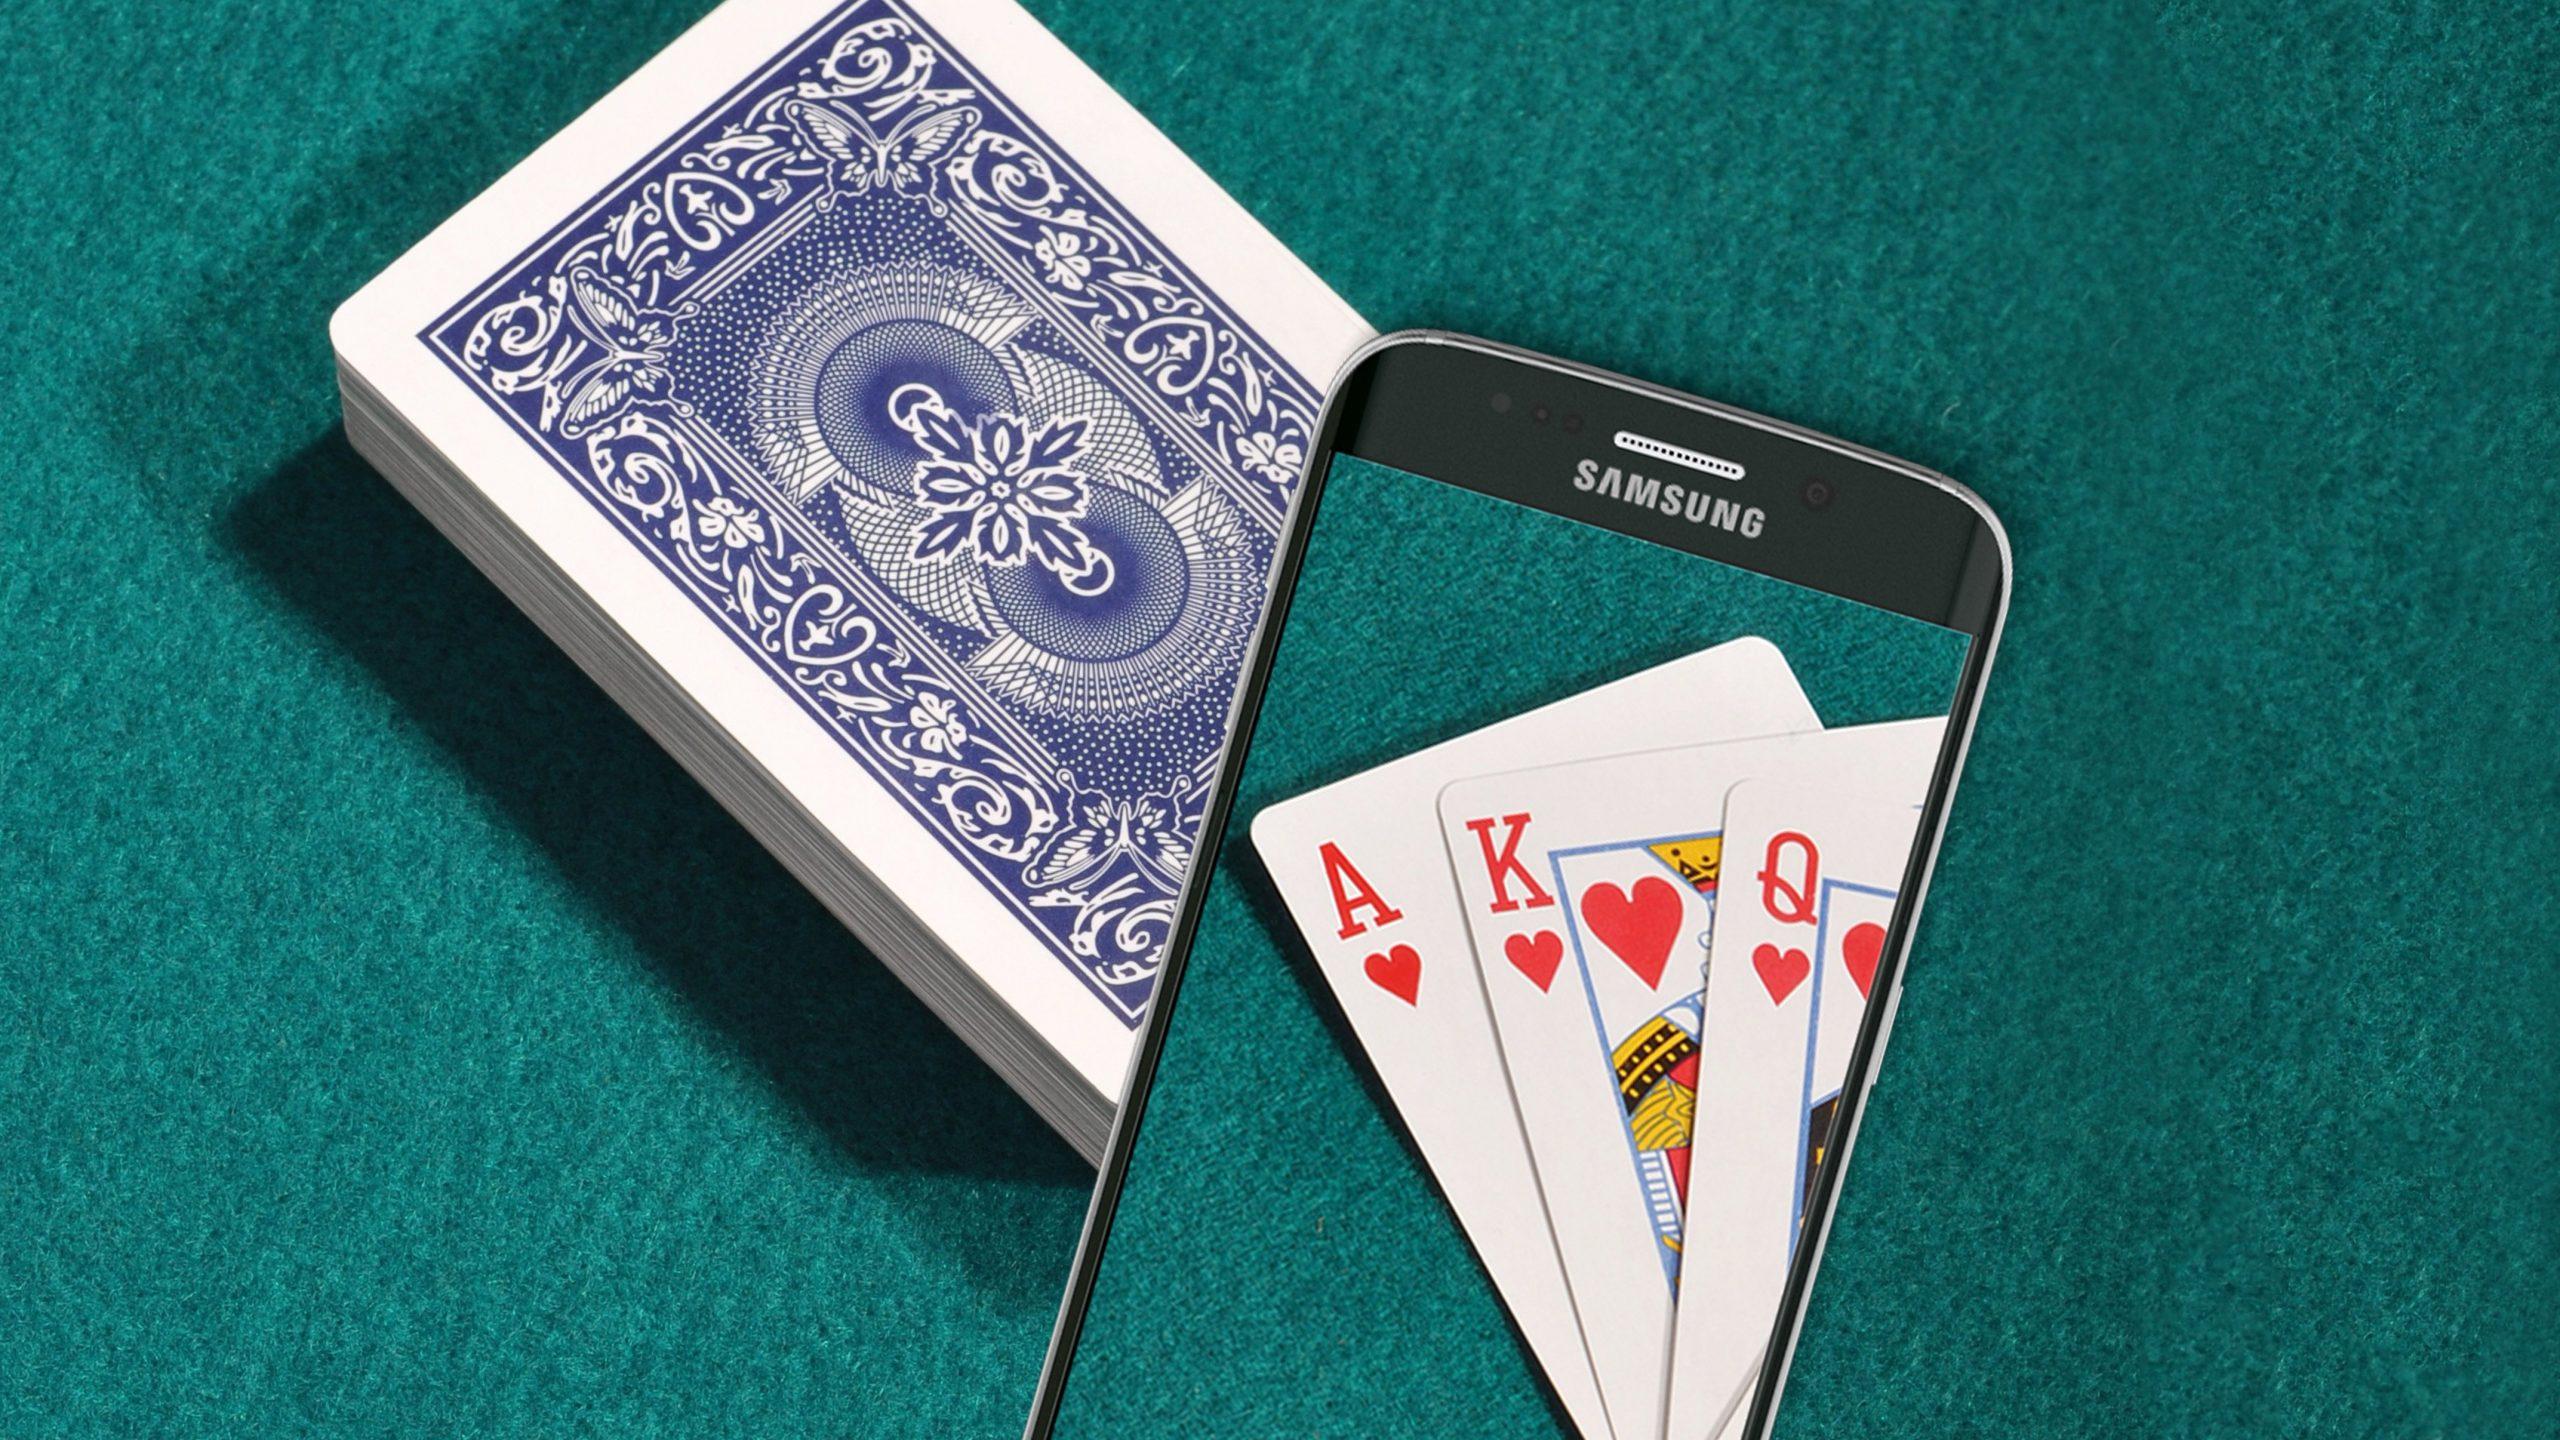 Les Meilleurs Jeux De Cartes Classiques Android | Androidpit pour Jeux De Cartes Gratuits En Ligne Sans Inscription